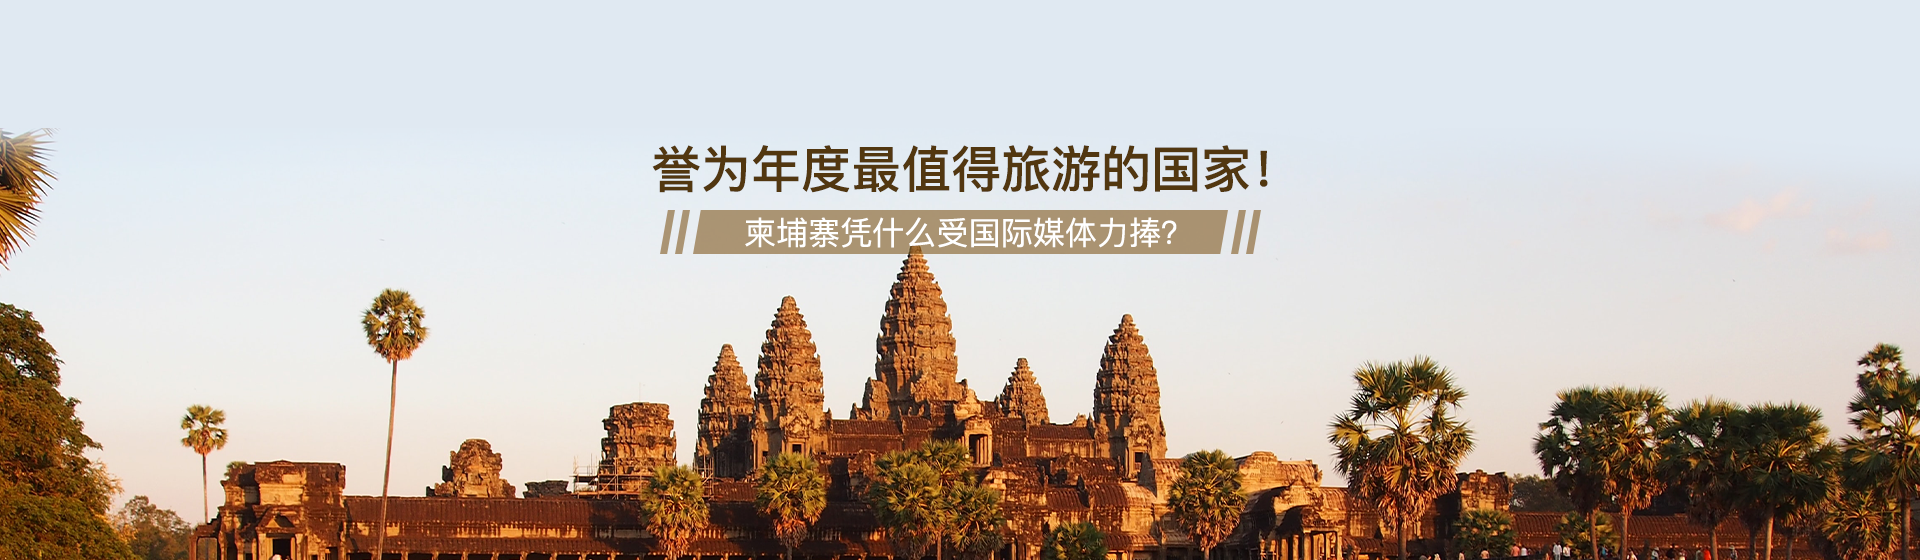 PC年度最值得旅游国家(中文)